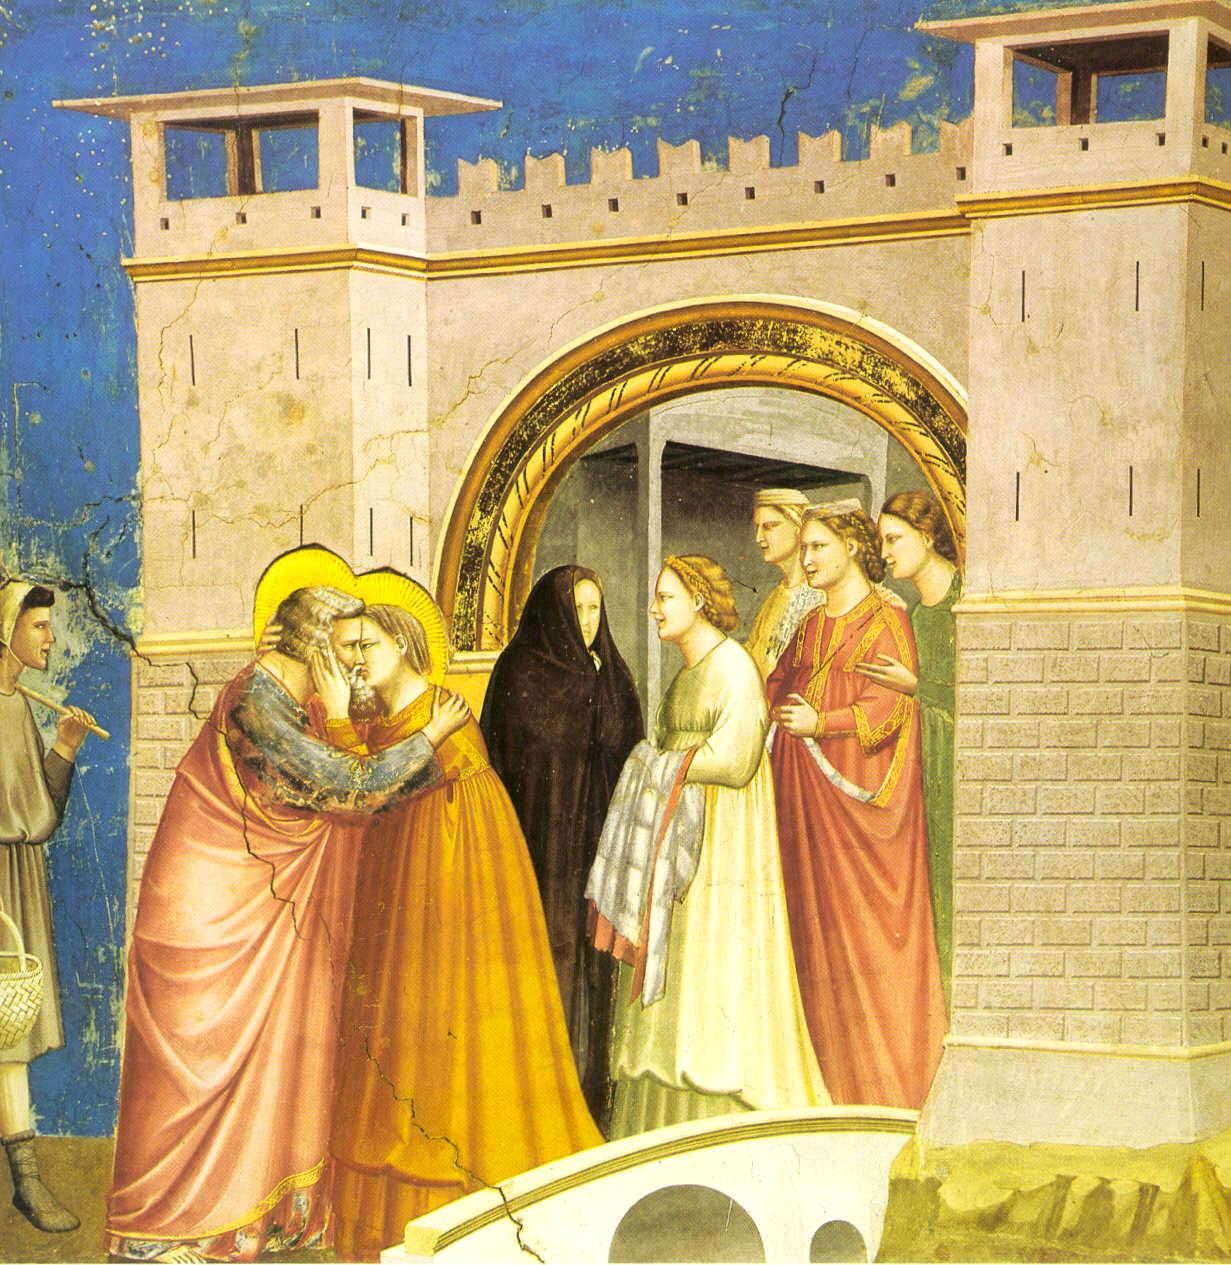 Abrazo-ante-la-puerta-dorada